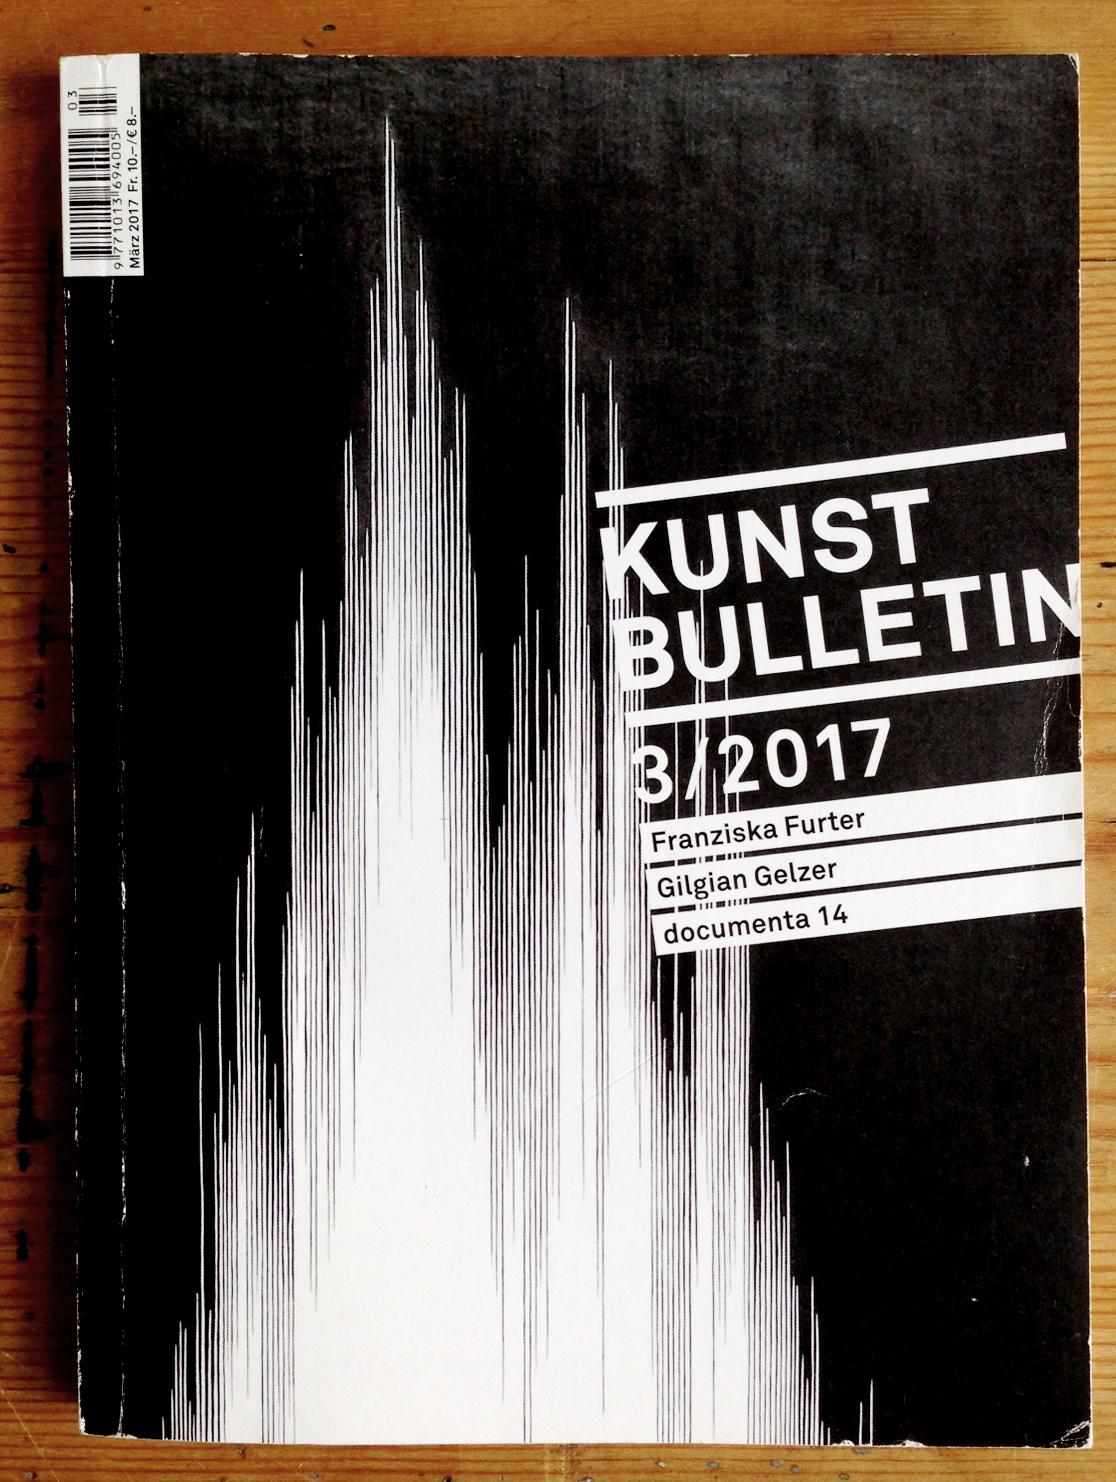 sq kunstbulletin cover.jpg